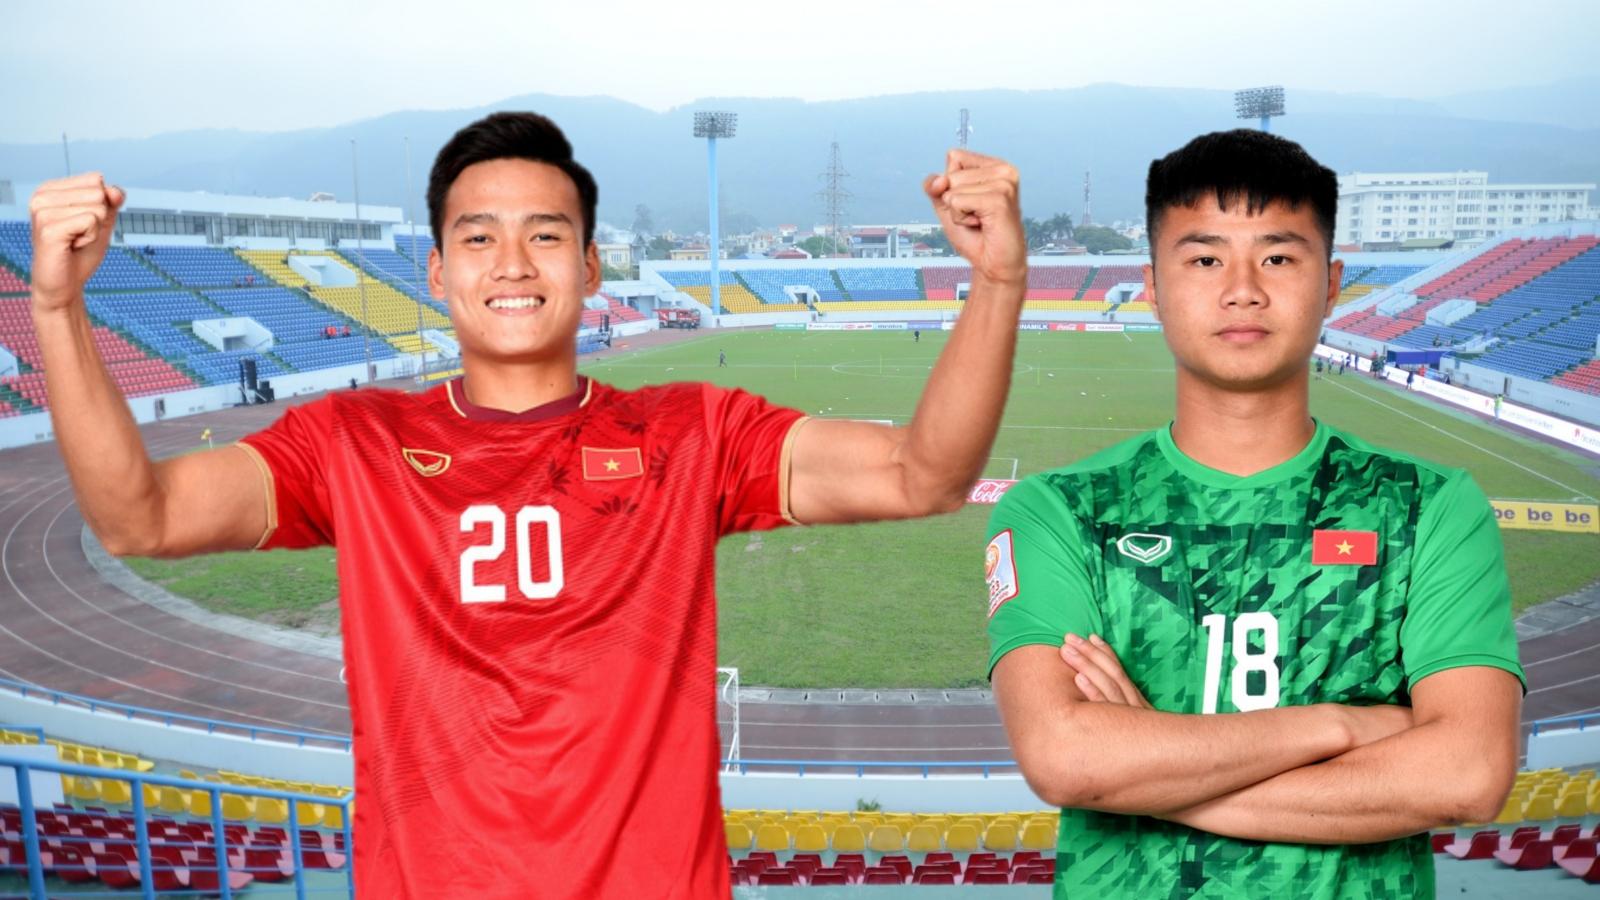 Đội hình U22 Việt Nam khi có thêm Văn Toản và Việt Anh từ ĐT Việt Nam